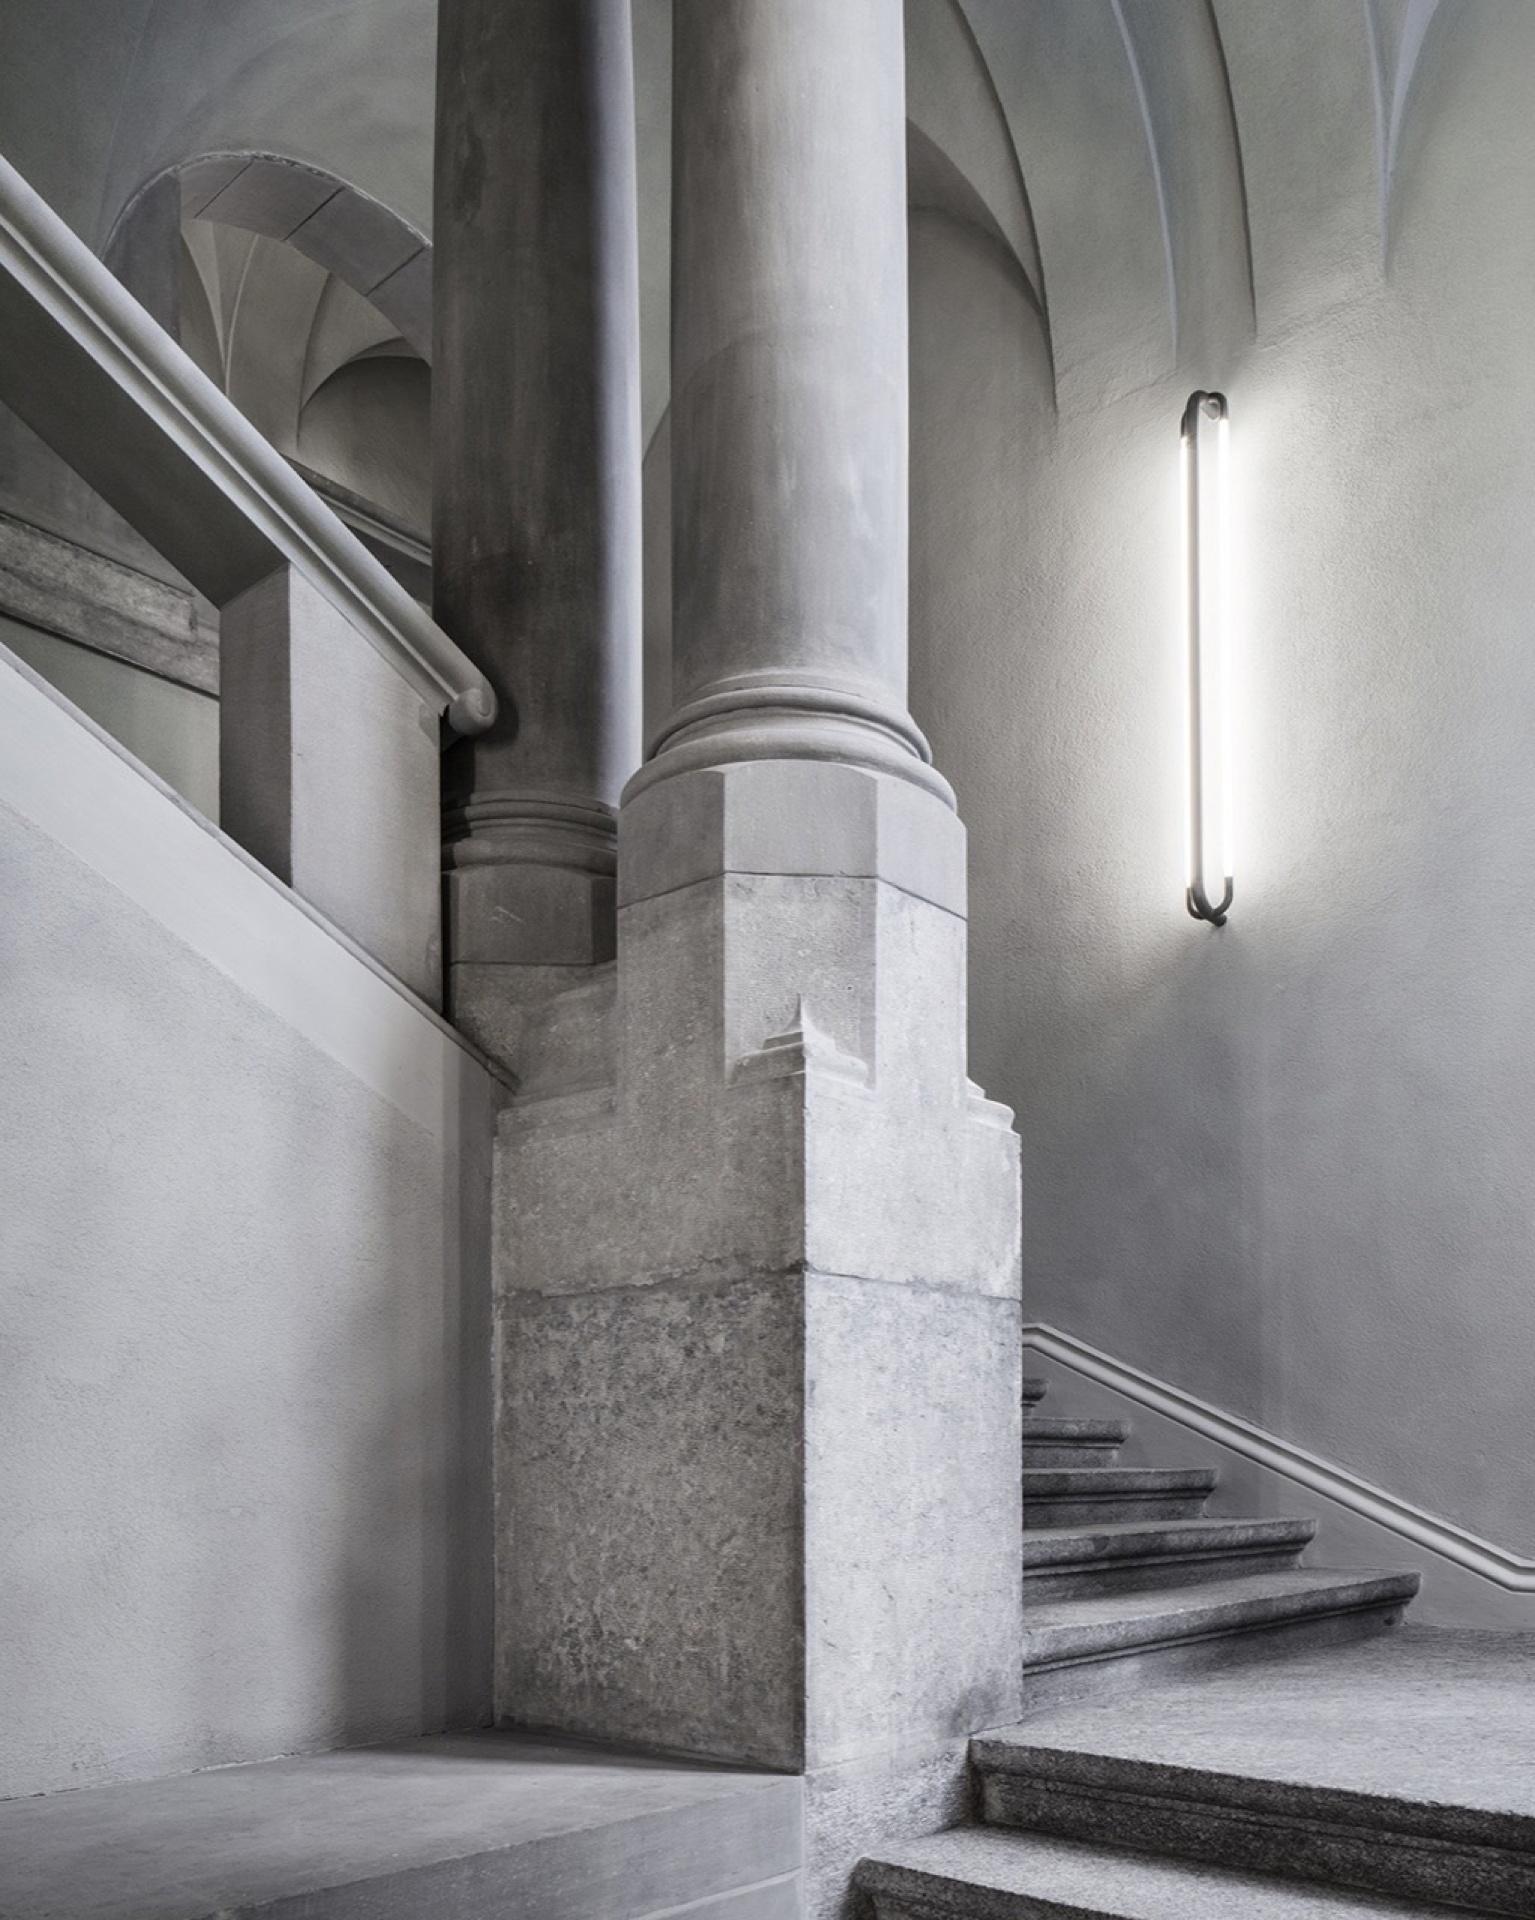 Christ_Gantenbein_Swiss_National_Museum © Roman Keller